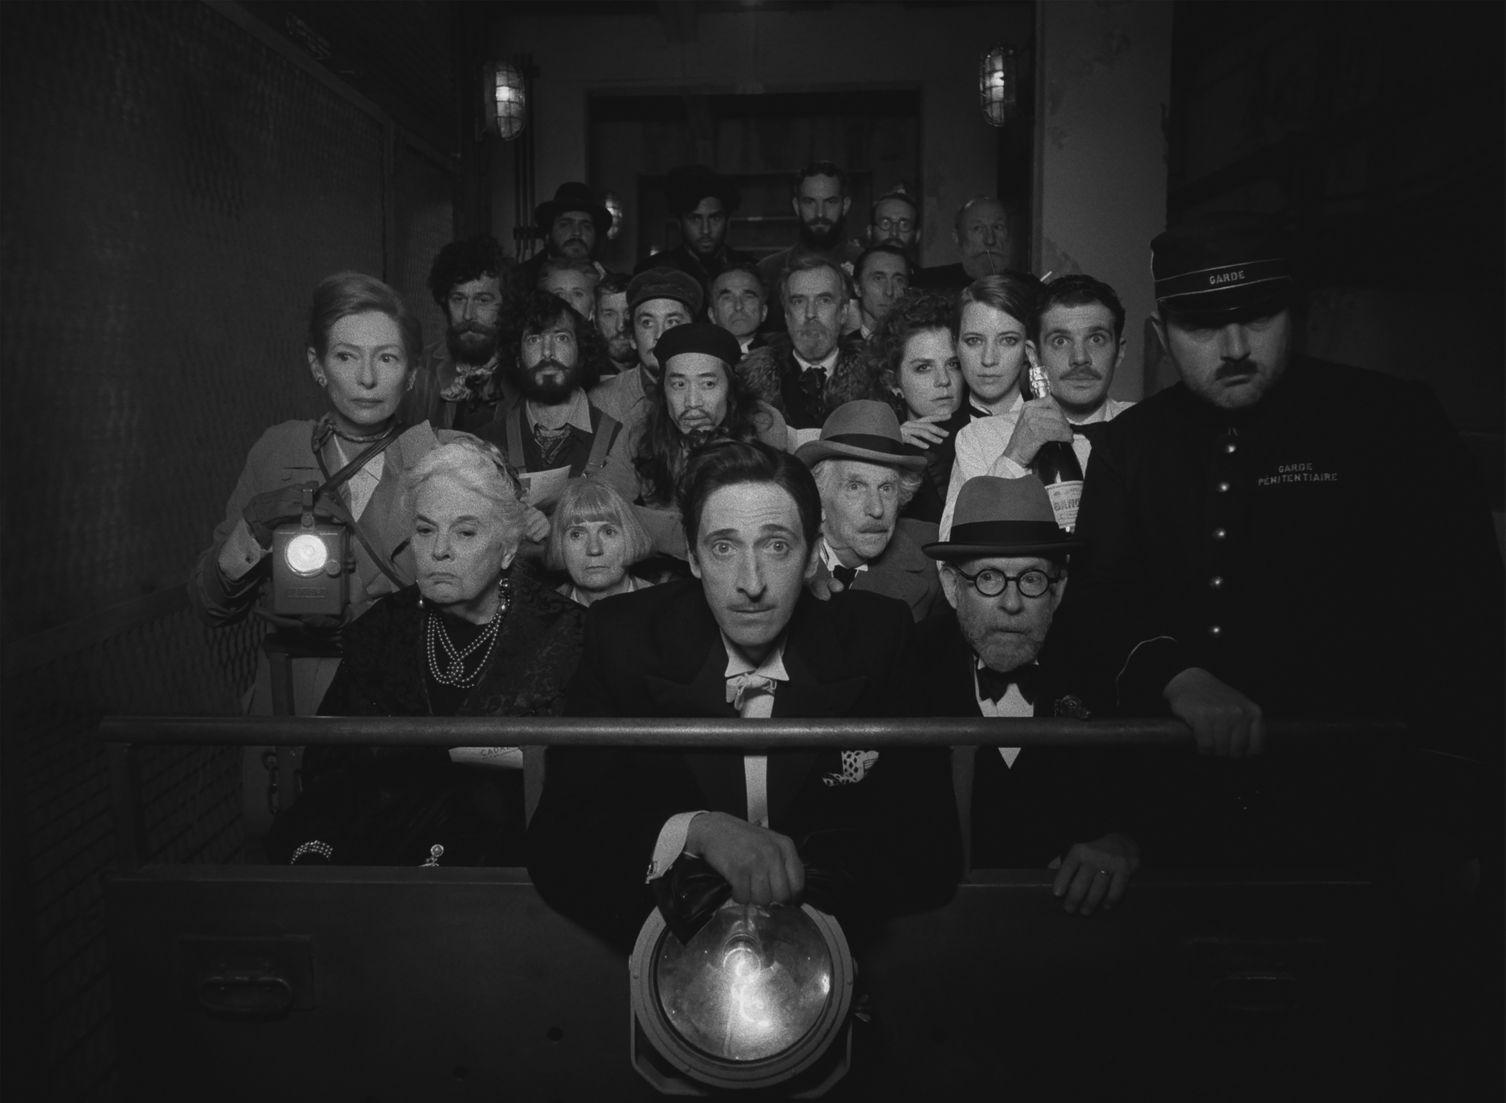 Эдриен Броуди в роли Джулиана Кадазио на кадре из фильма «Французский вестник.  Приложение к газете ''Либерти. Канзас ивнинг сан''» »